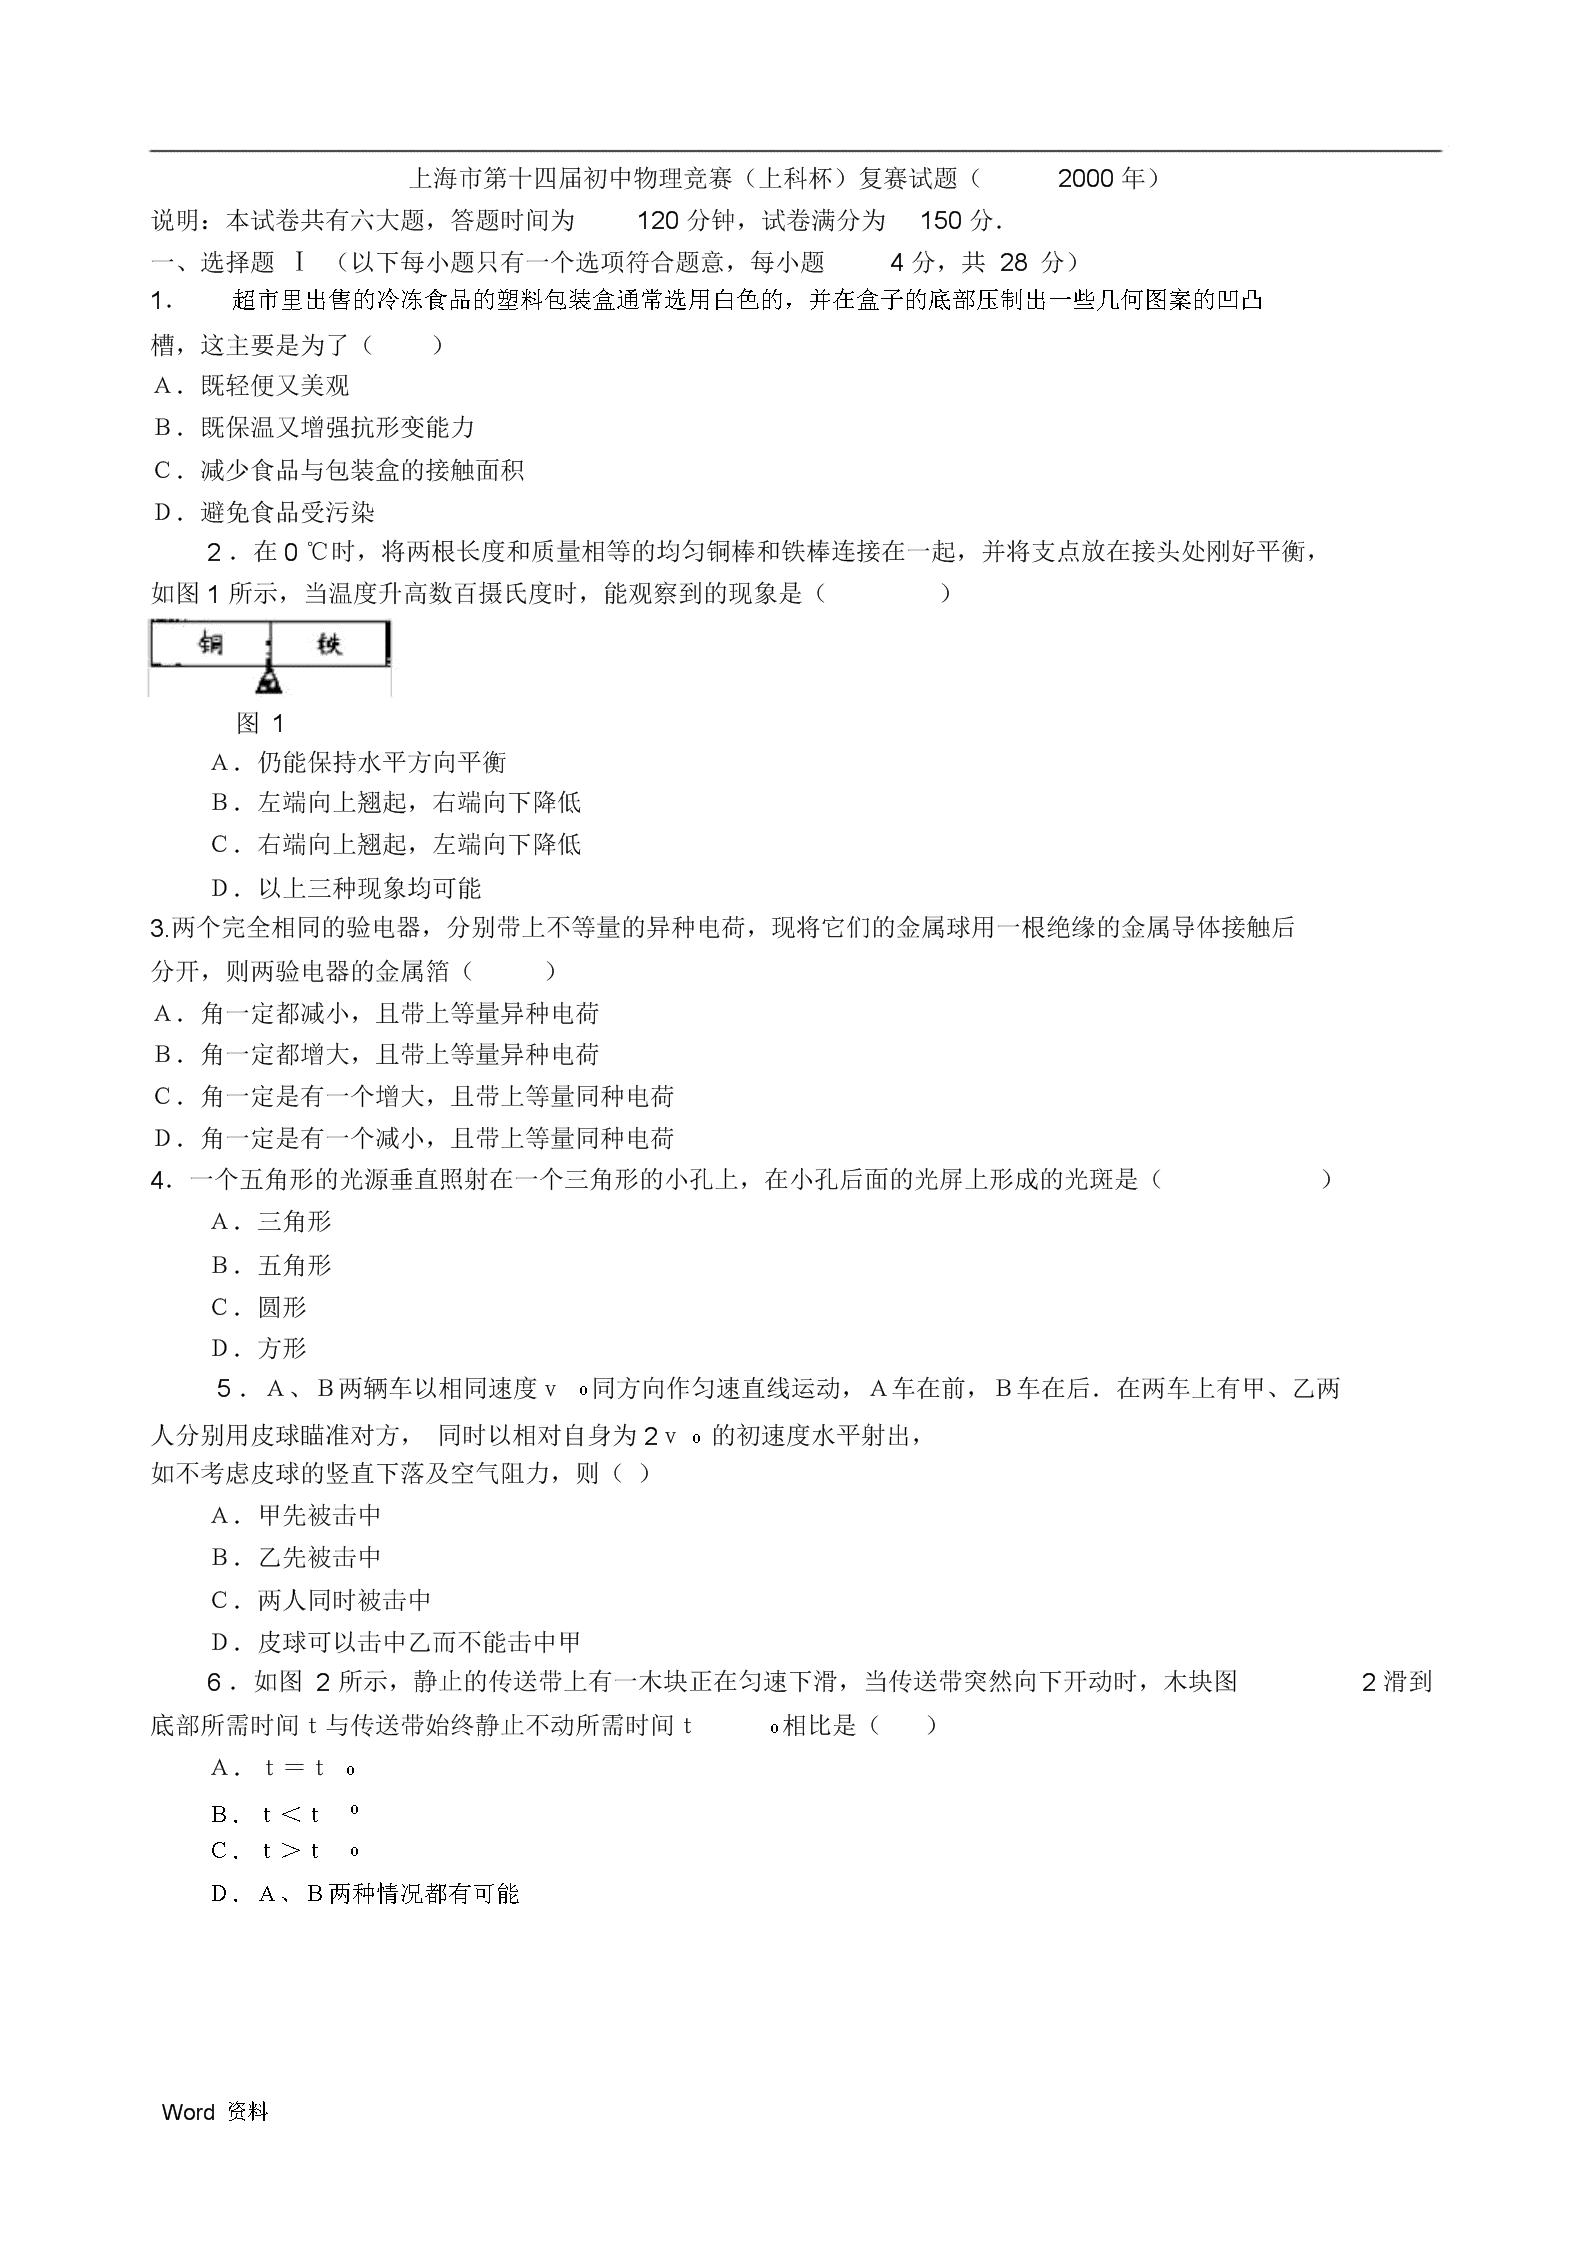 上海初中物理竞赛真题试卷.doc